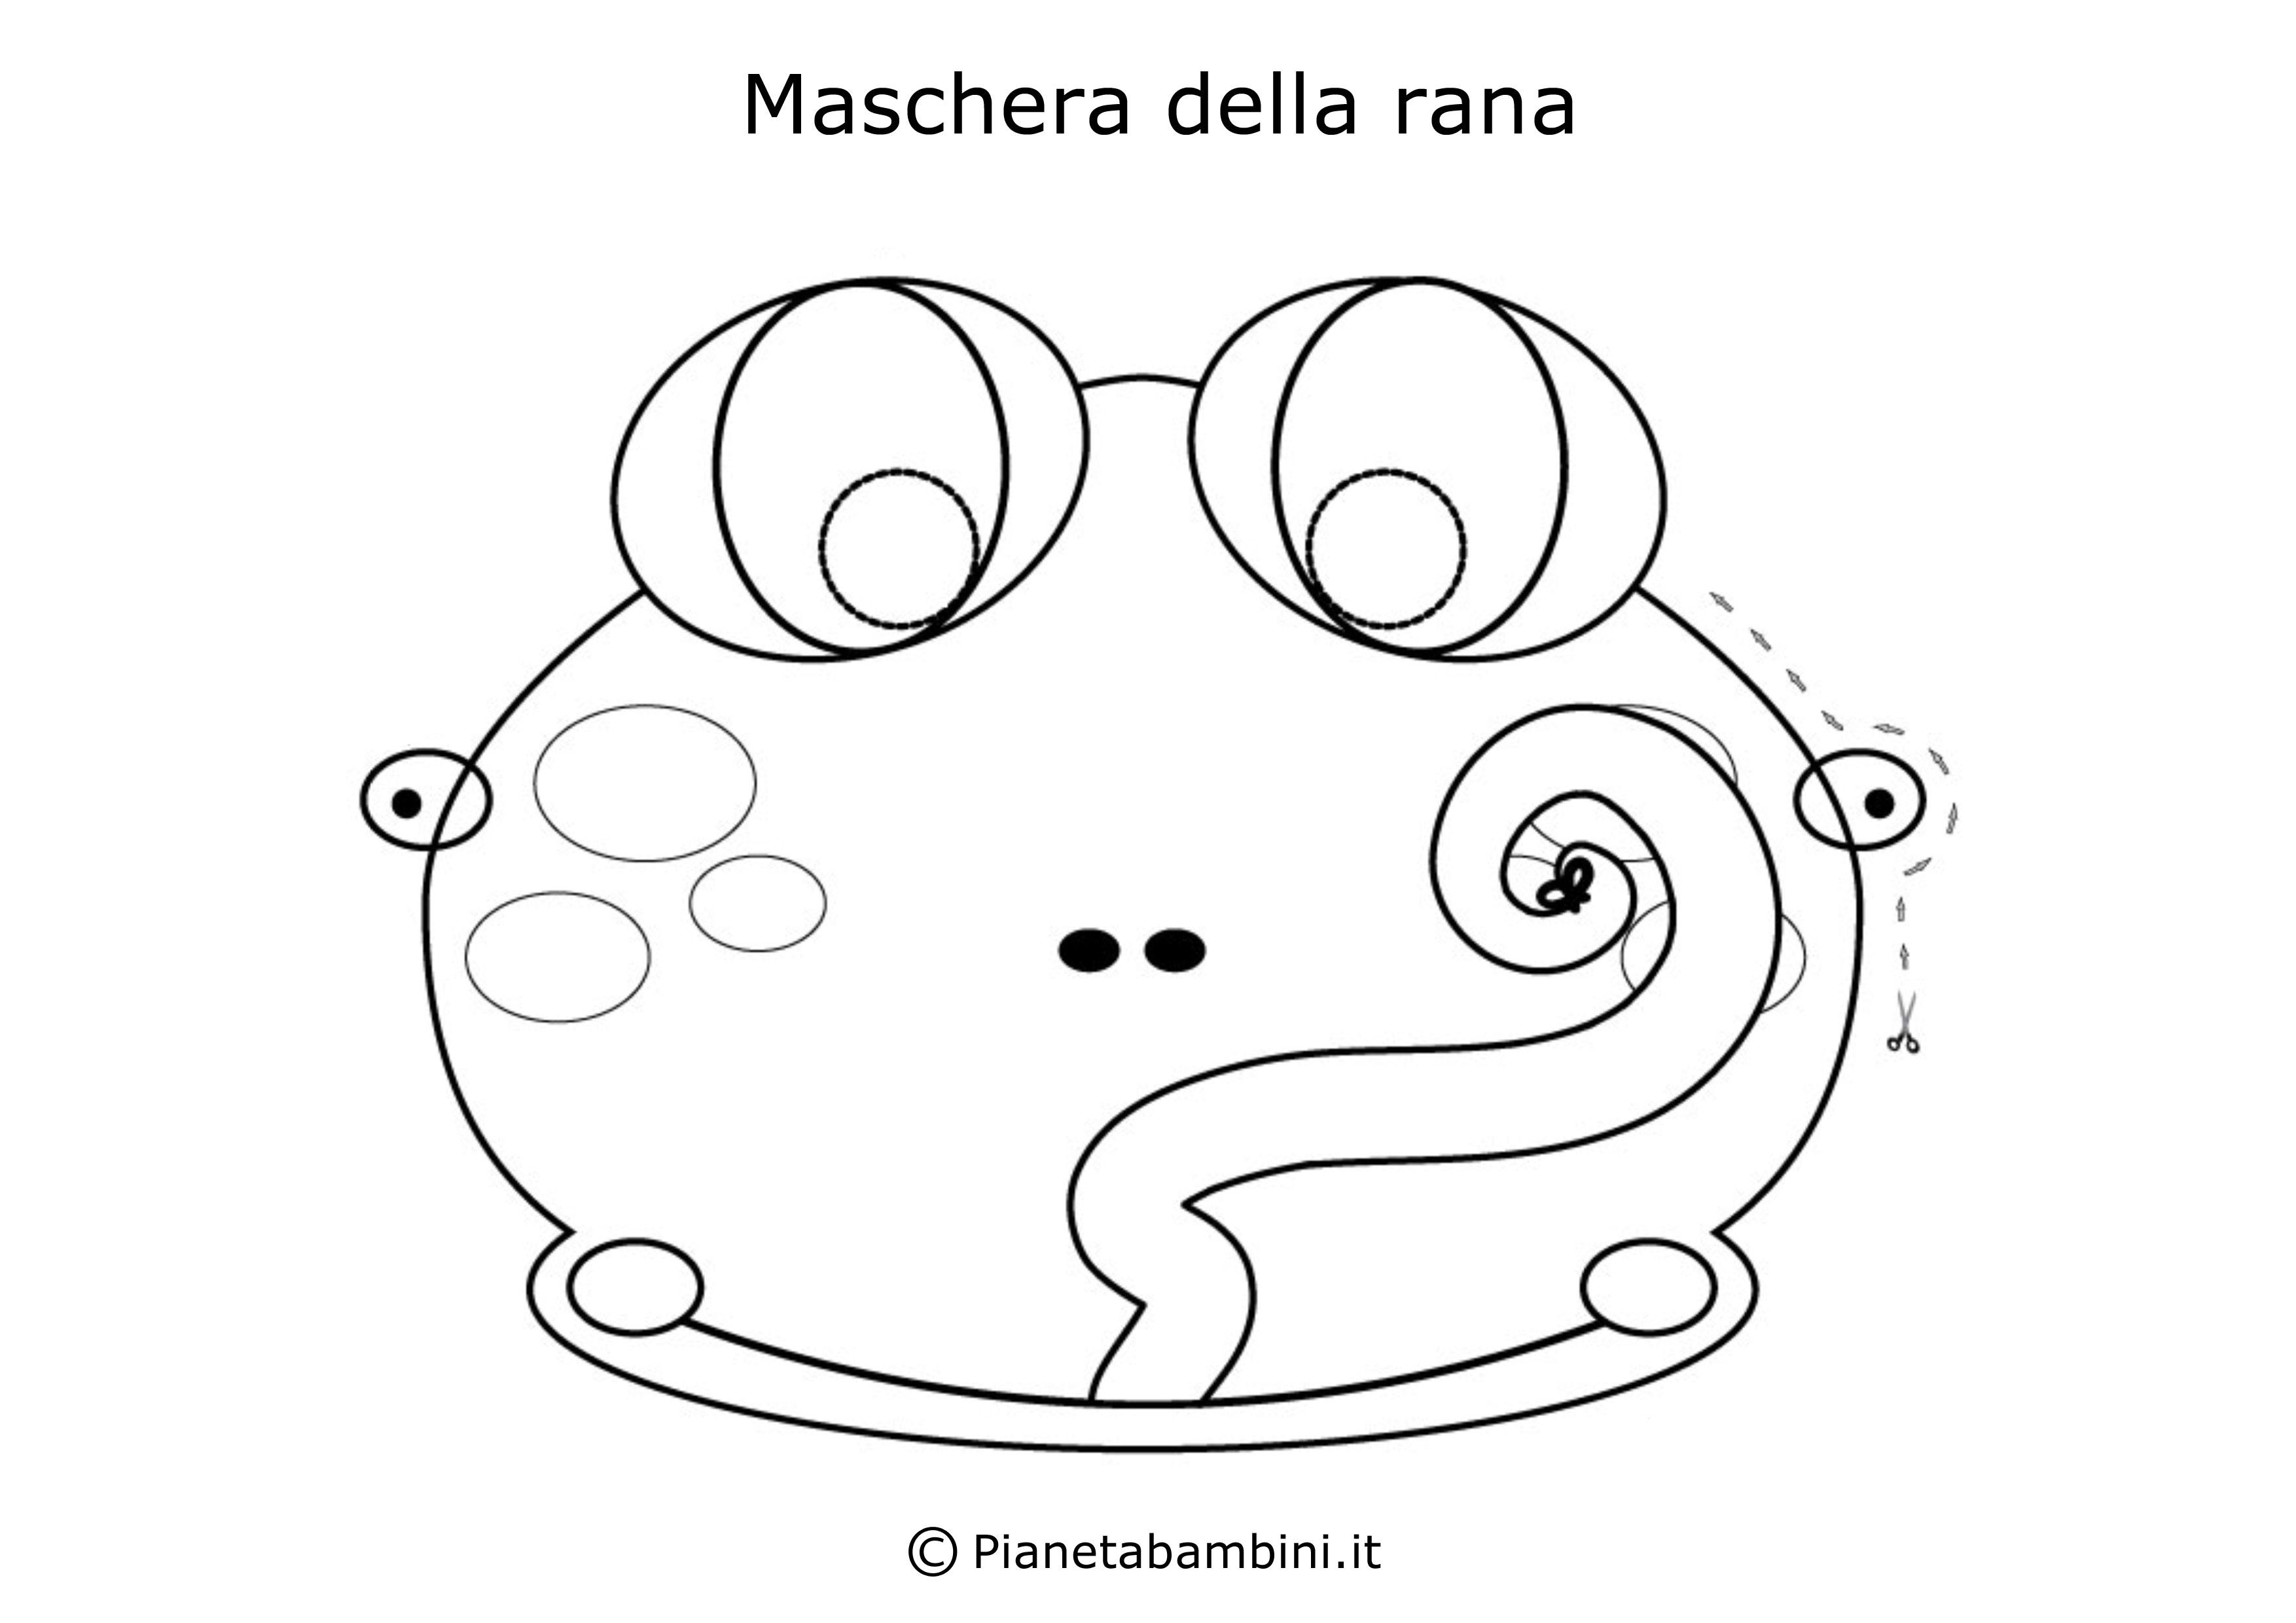 Maschera-Colorare-Rana